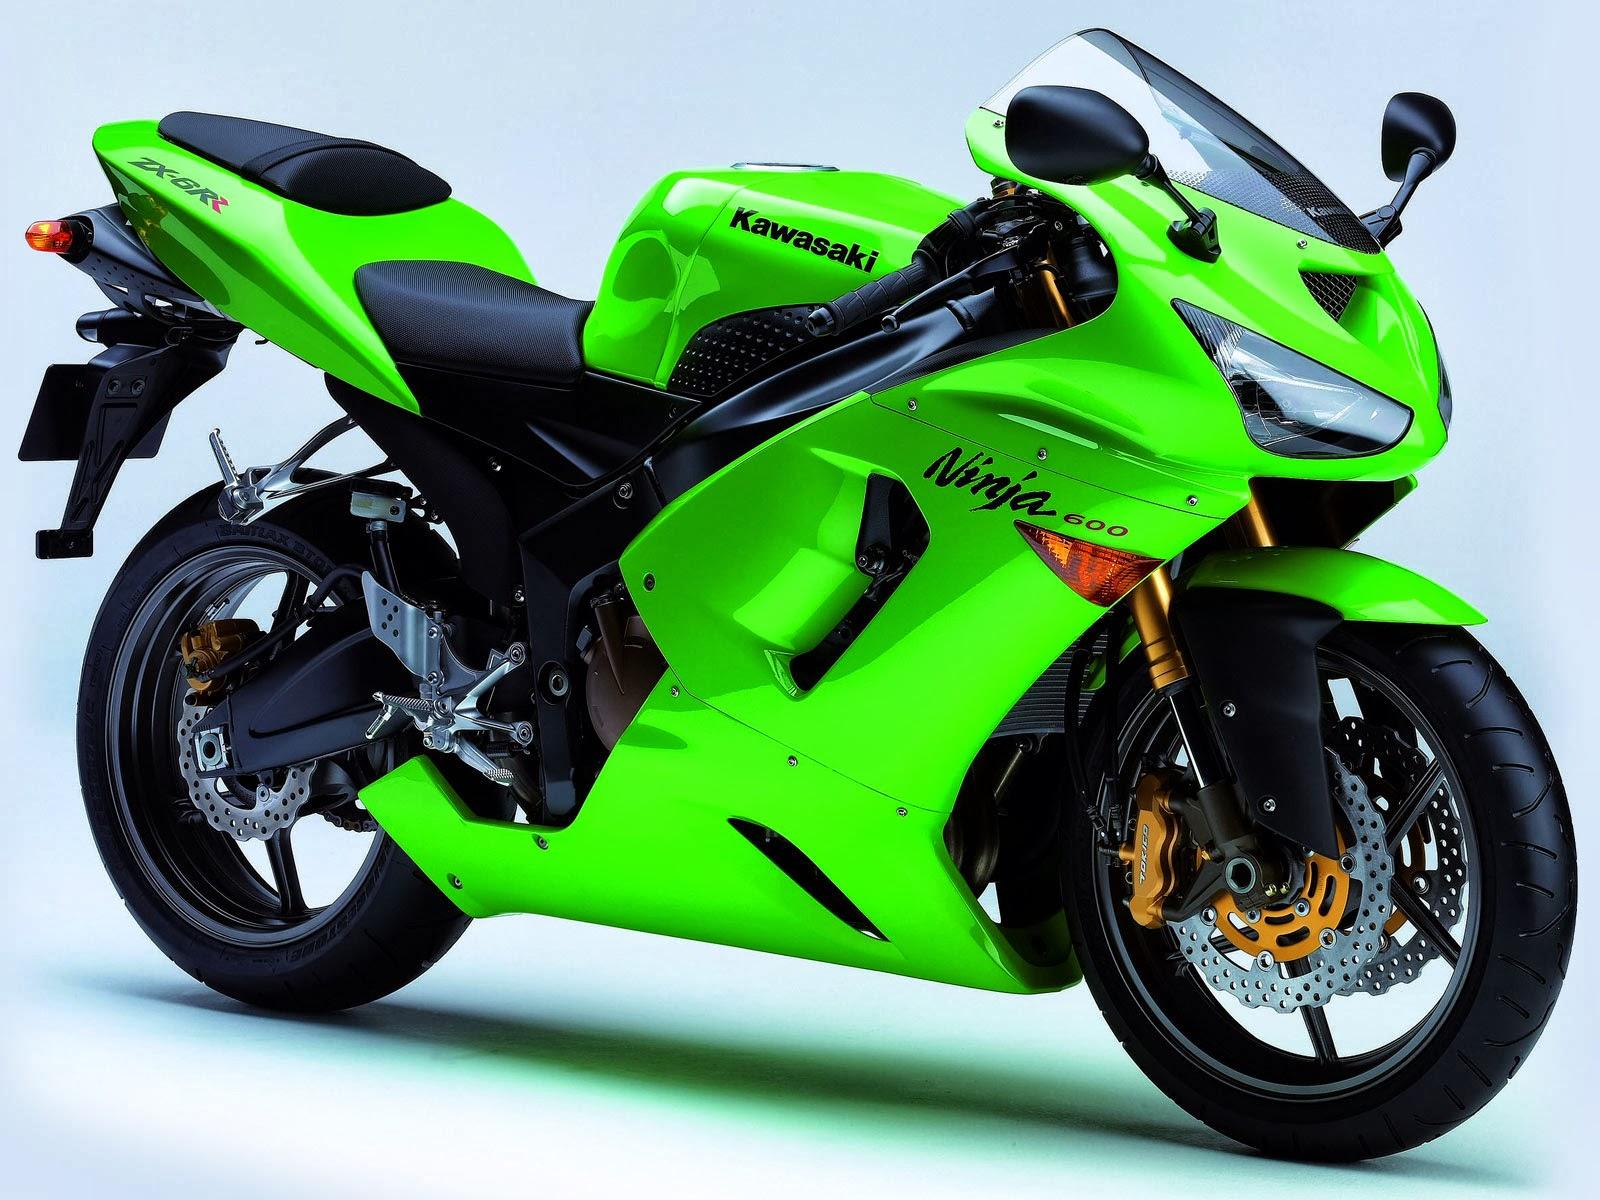 Kawasaki Ninja Zx 6 R 2 Kawasaki Motor